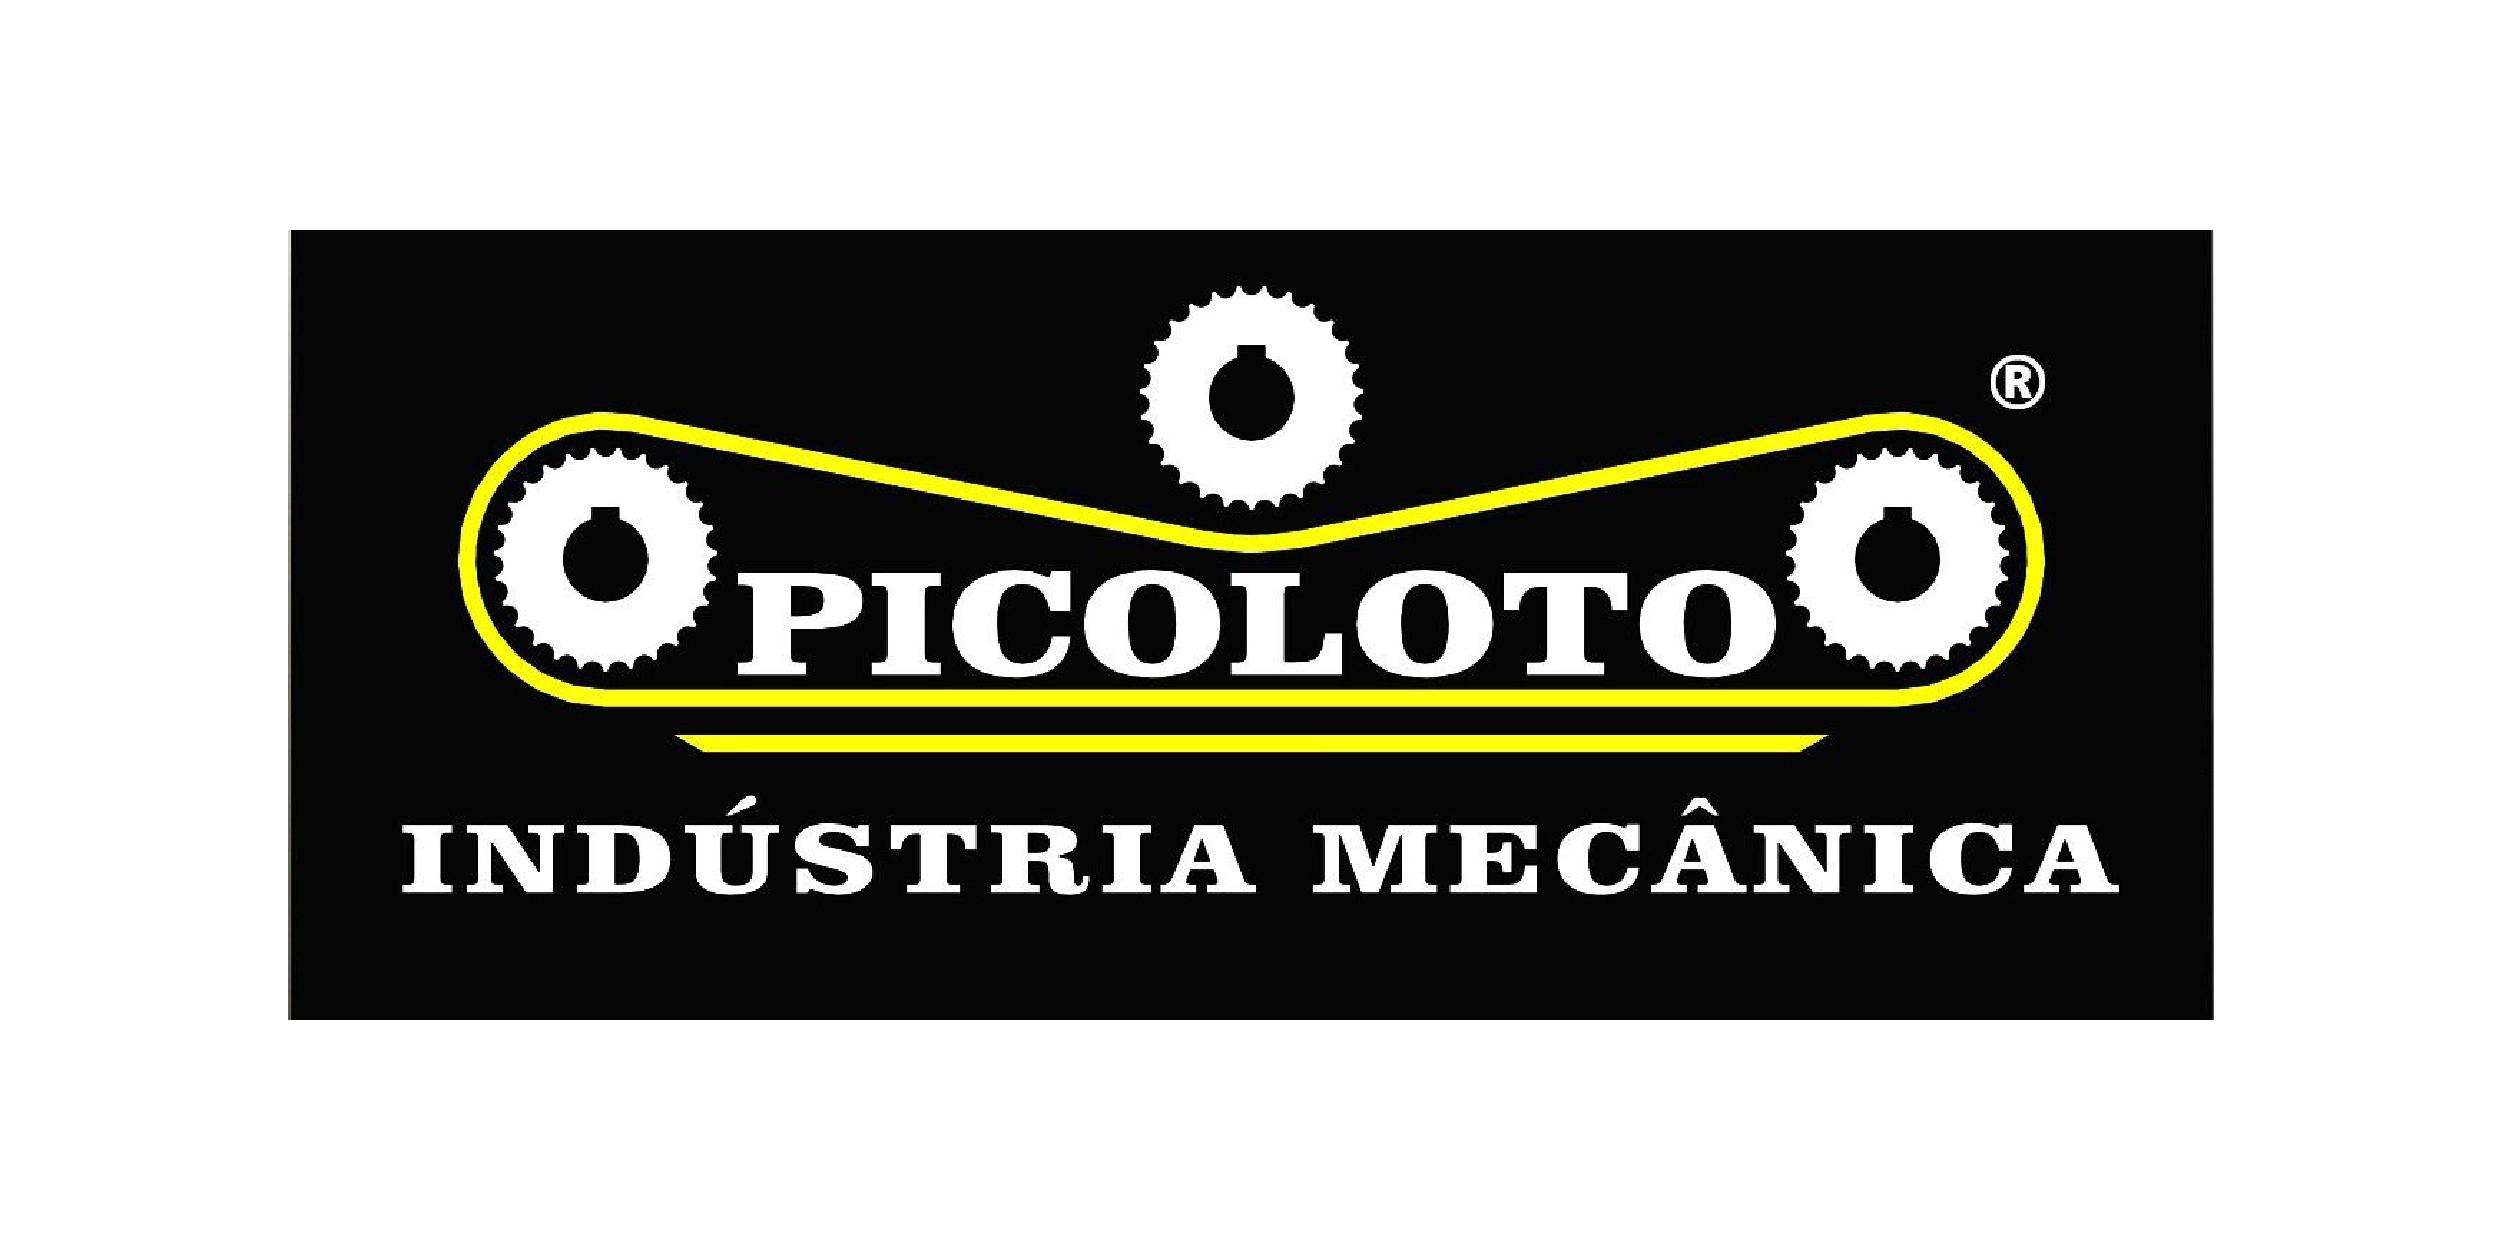 Picoloto